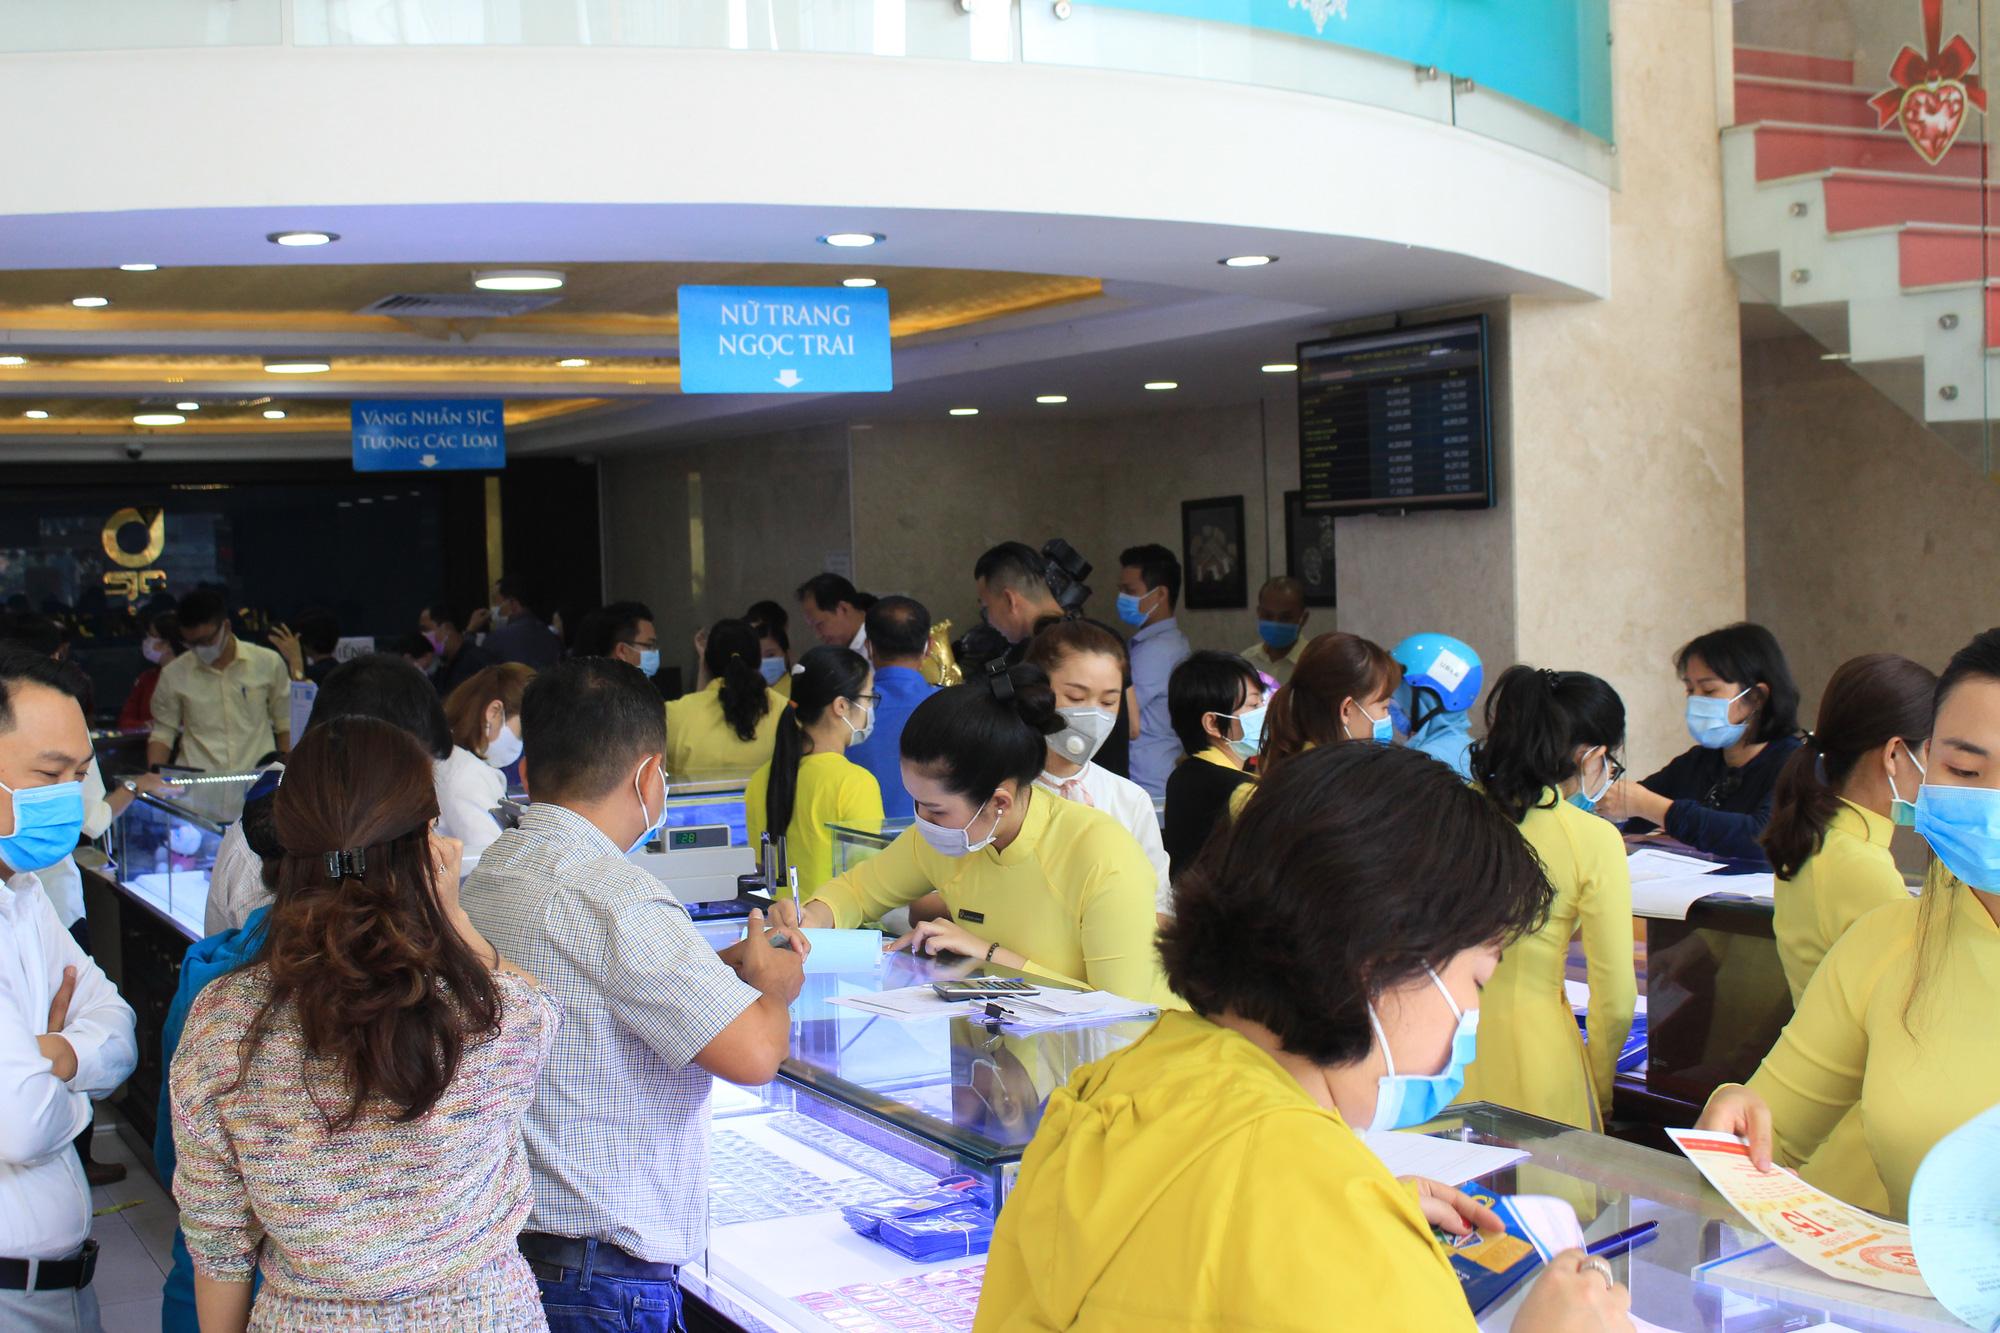 Người Sài Gòn ùn ùn xếp hàng, bốc số mua vàng ngày Thần tài để cầu may đầu năm - Ảnh 14.